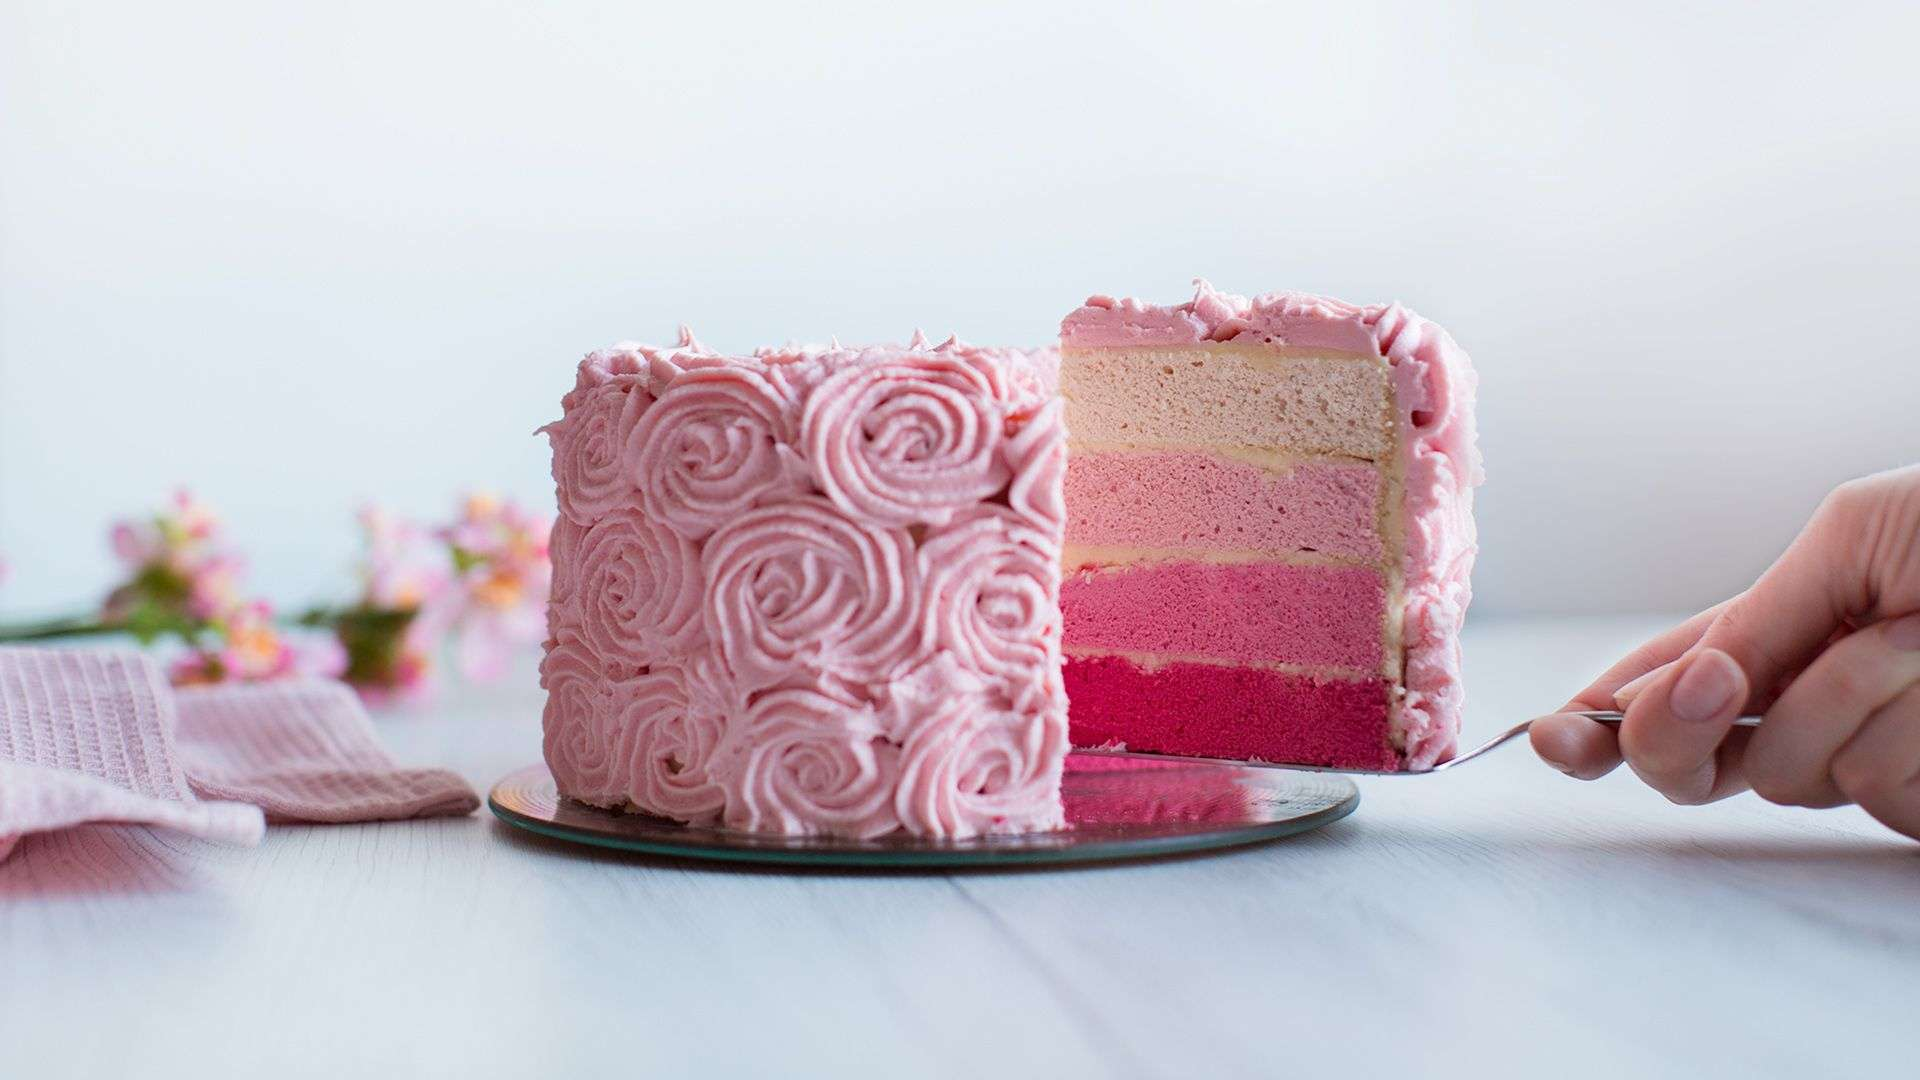 Ombré-Torte mit Buttercreme-Rosen von Lidl Österreich